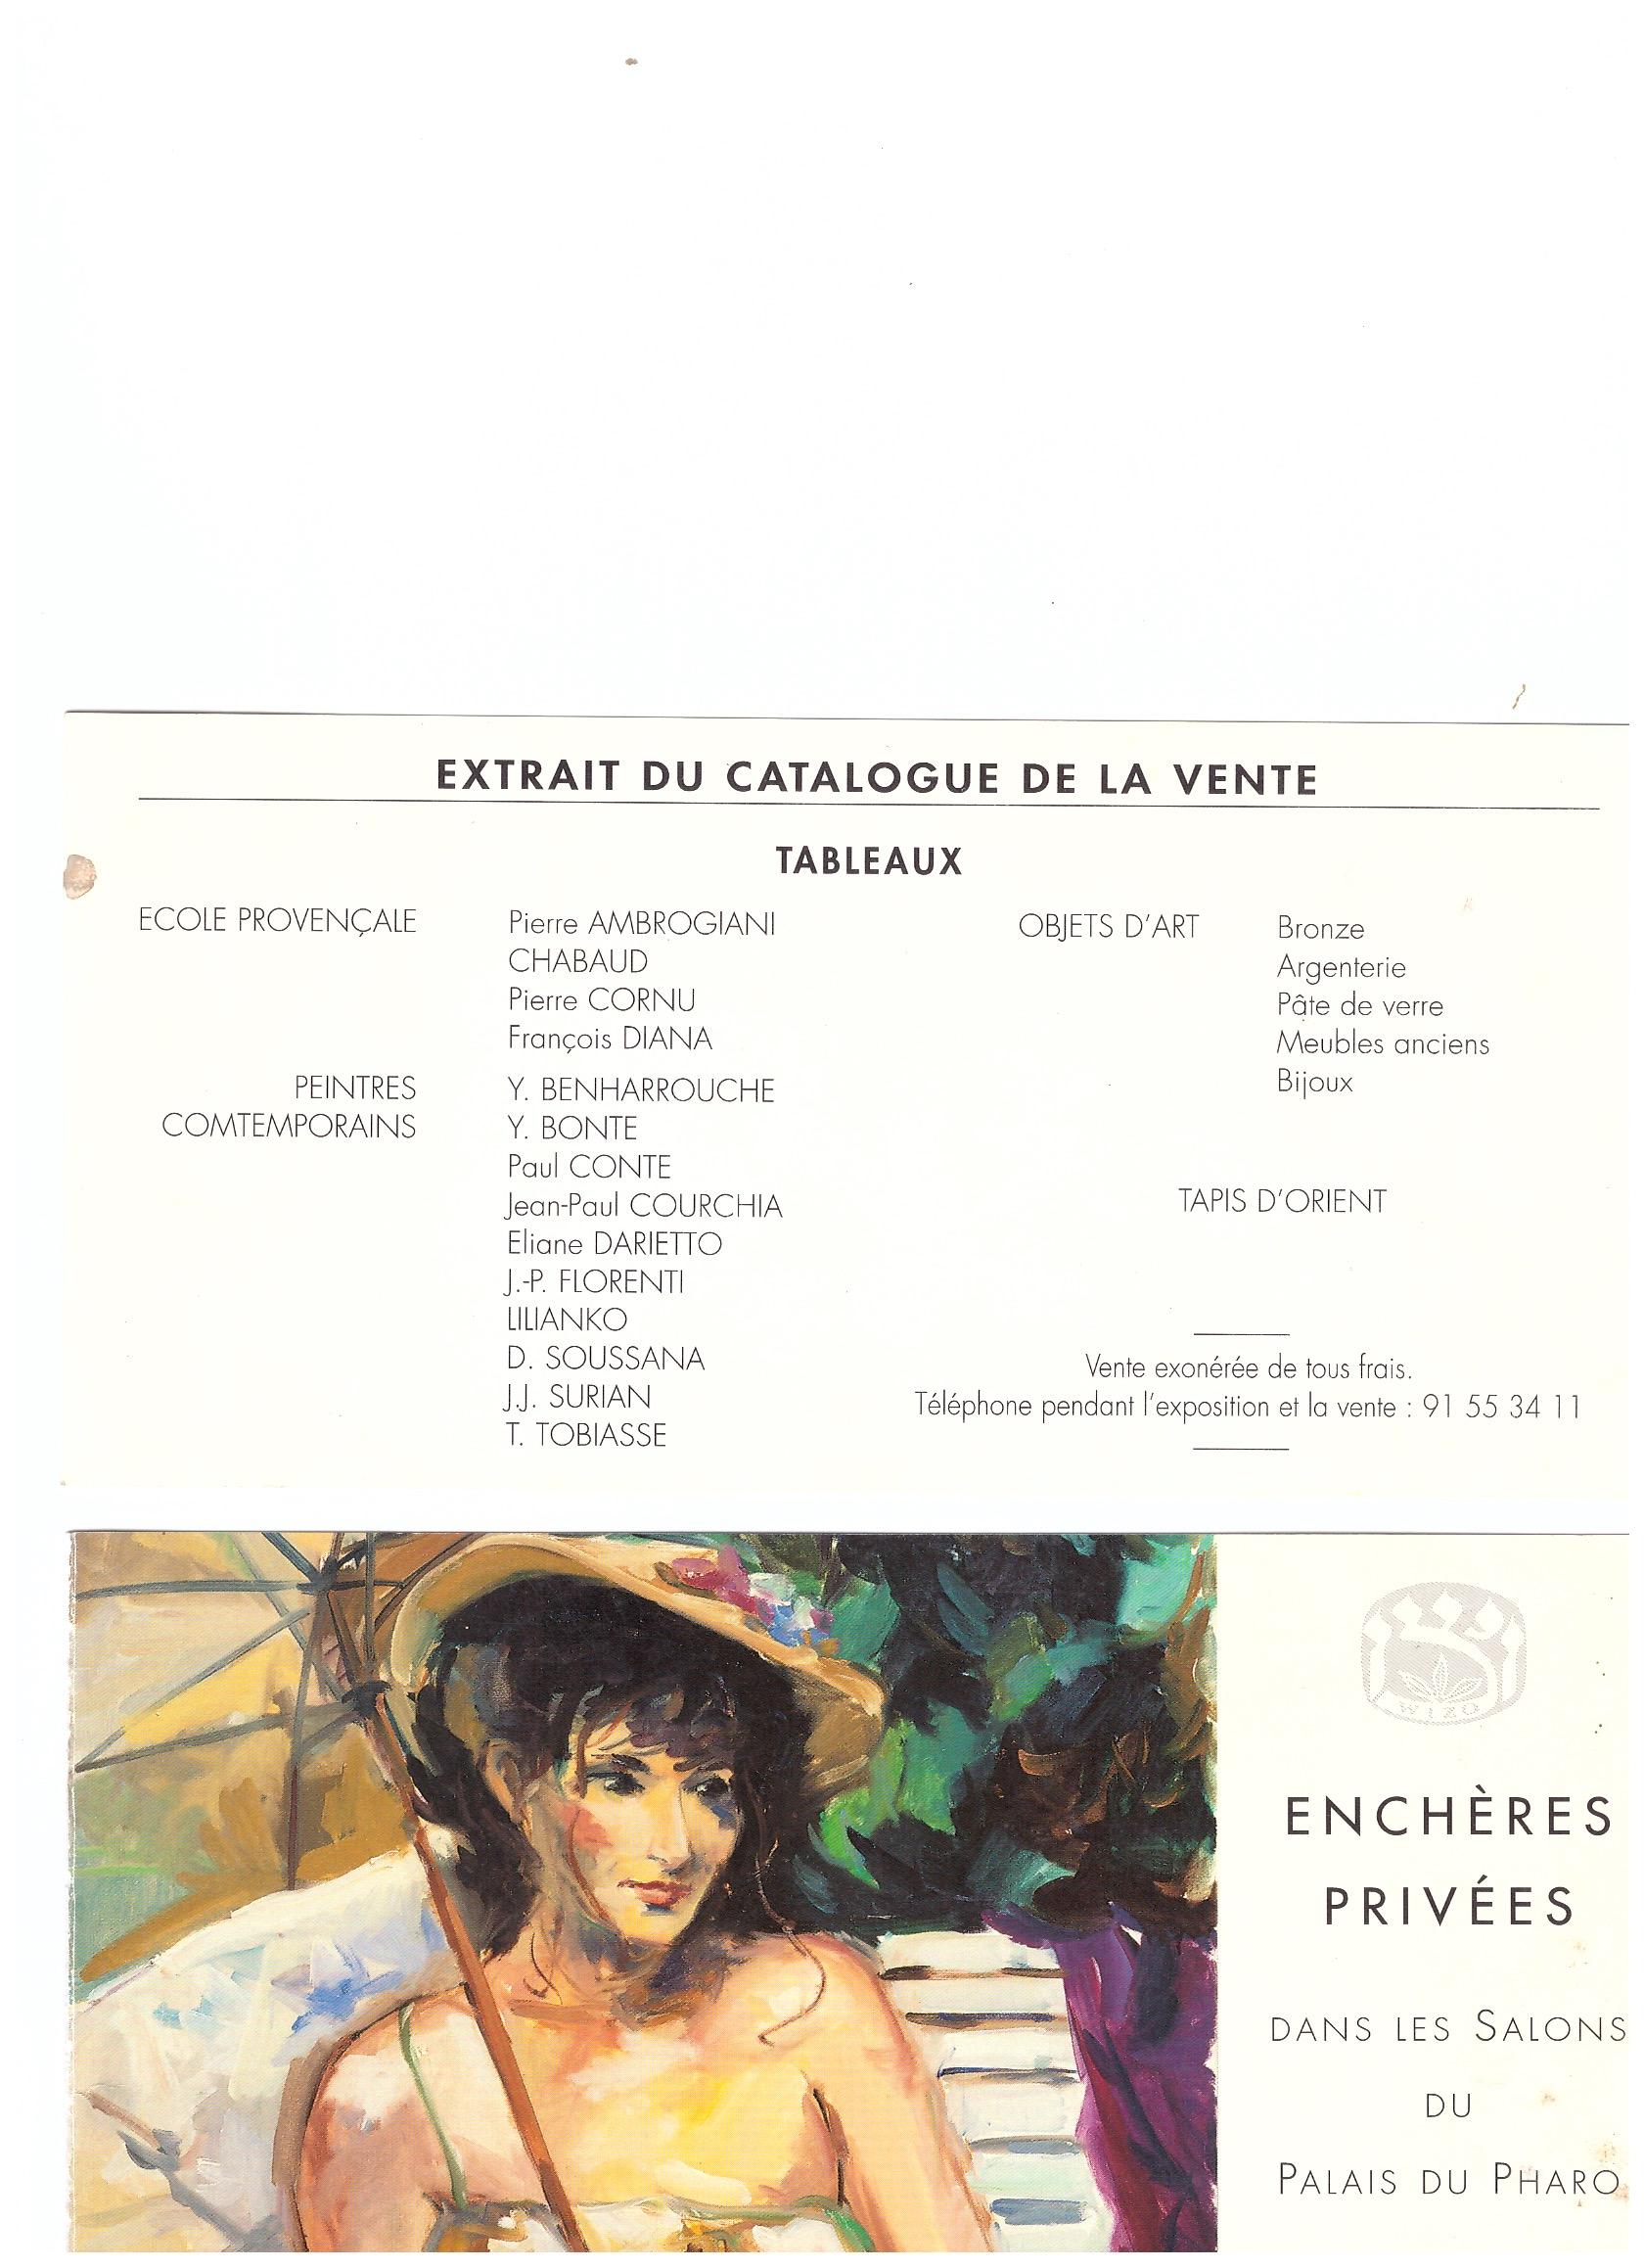 1993 WIZO